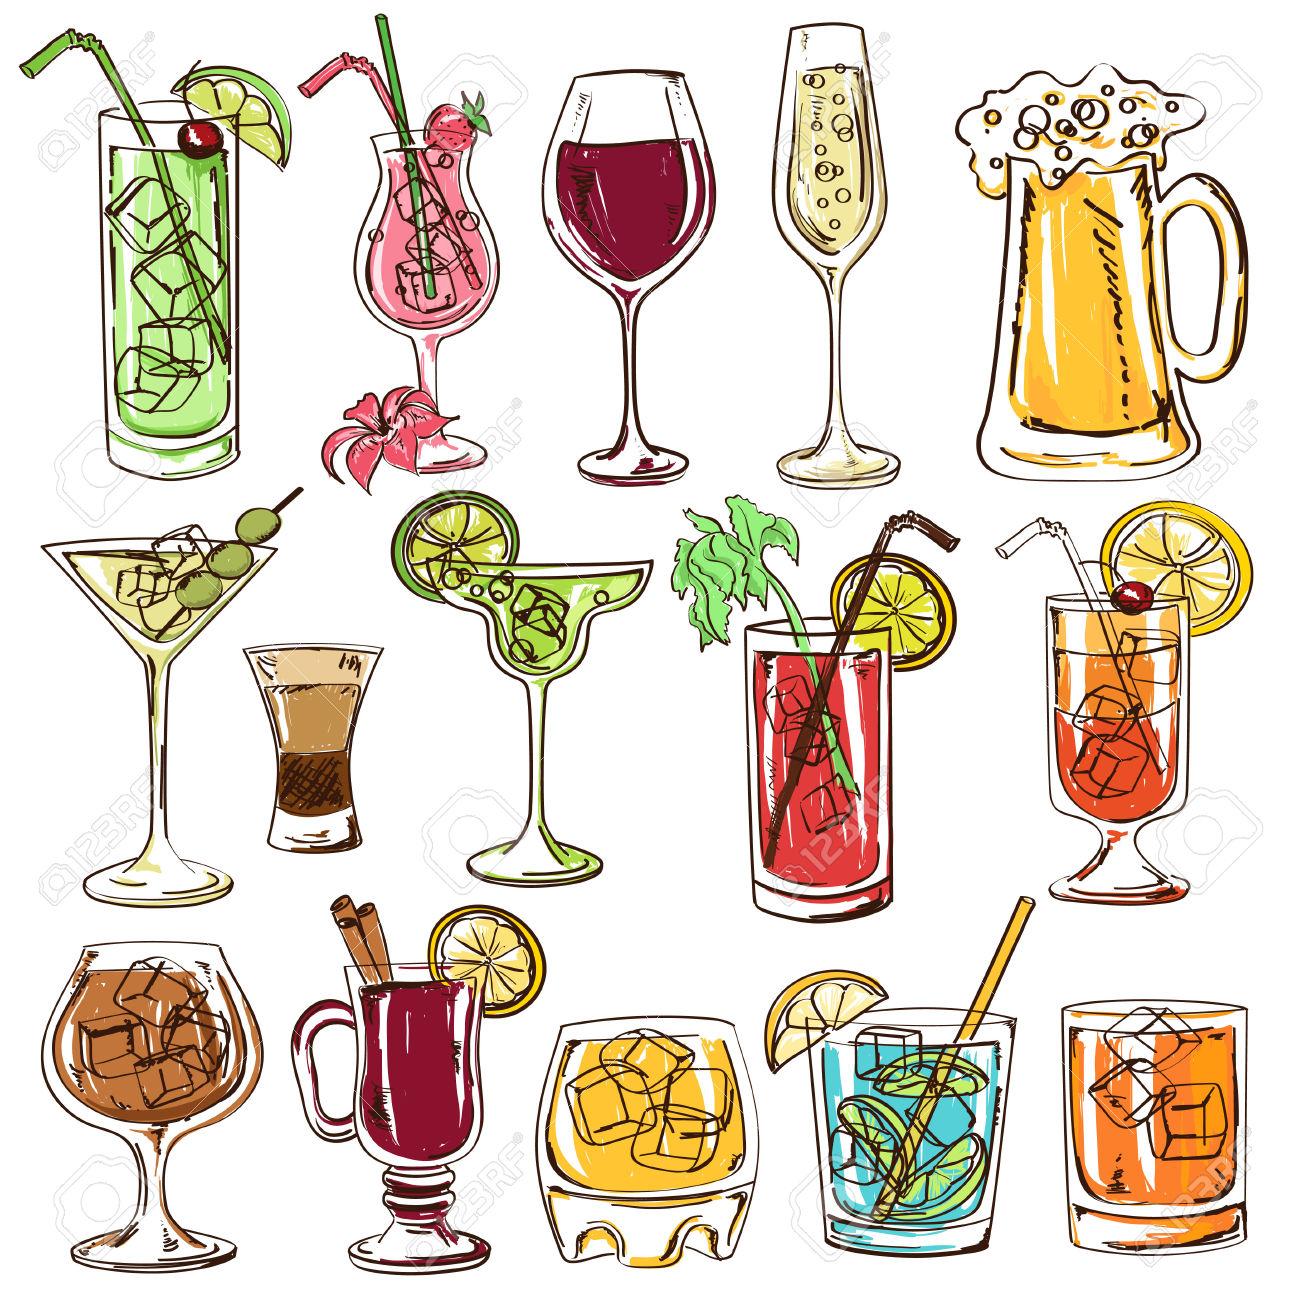 Bier und wein clipart graphic stock Set Von Isolierten Bunte Skizze Cocktails, Bier Und Wein ... graphic stock